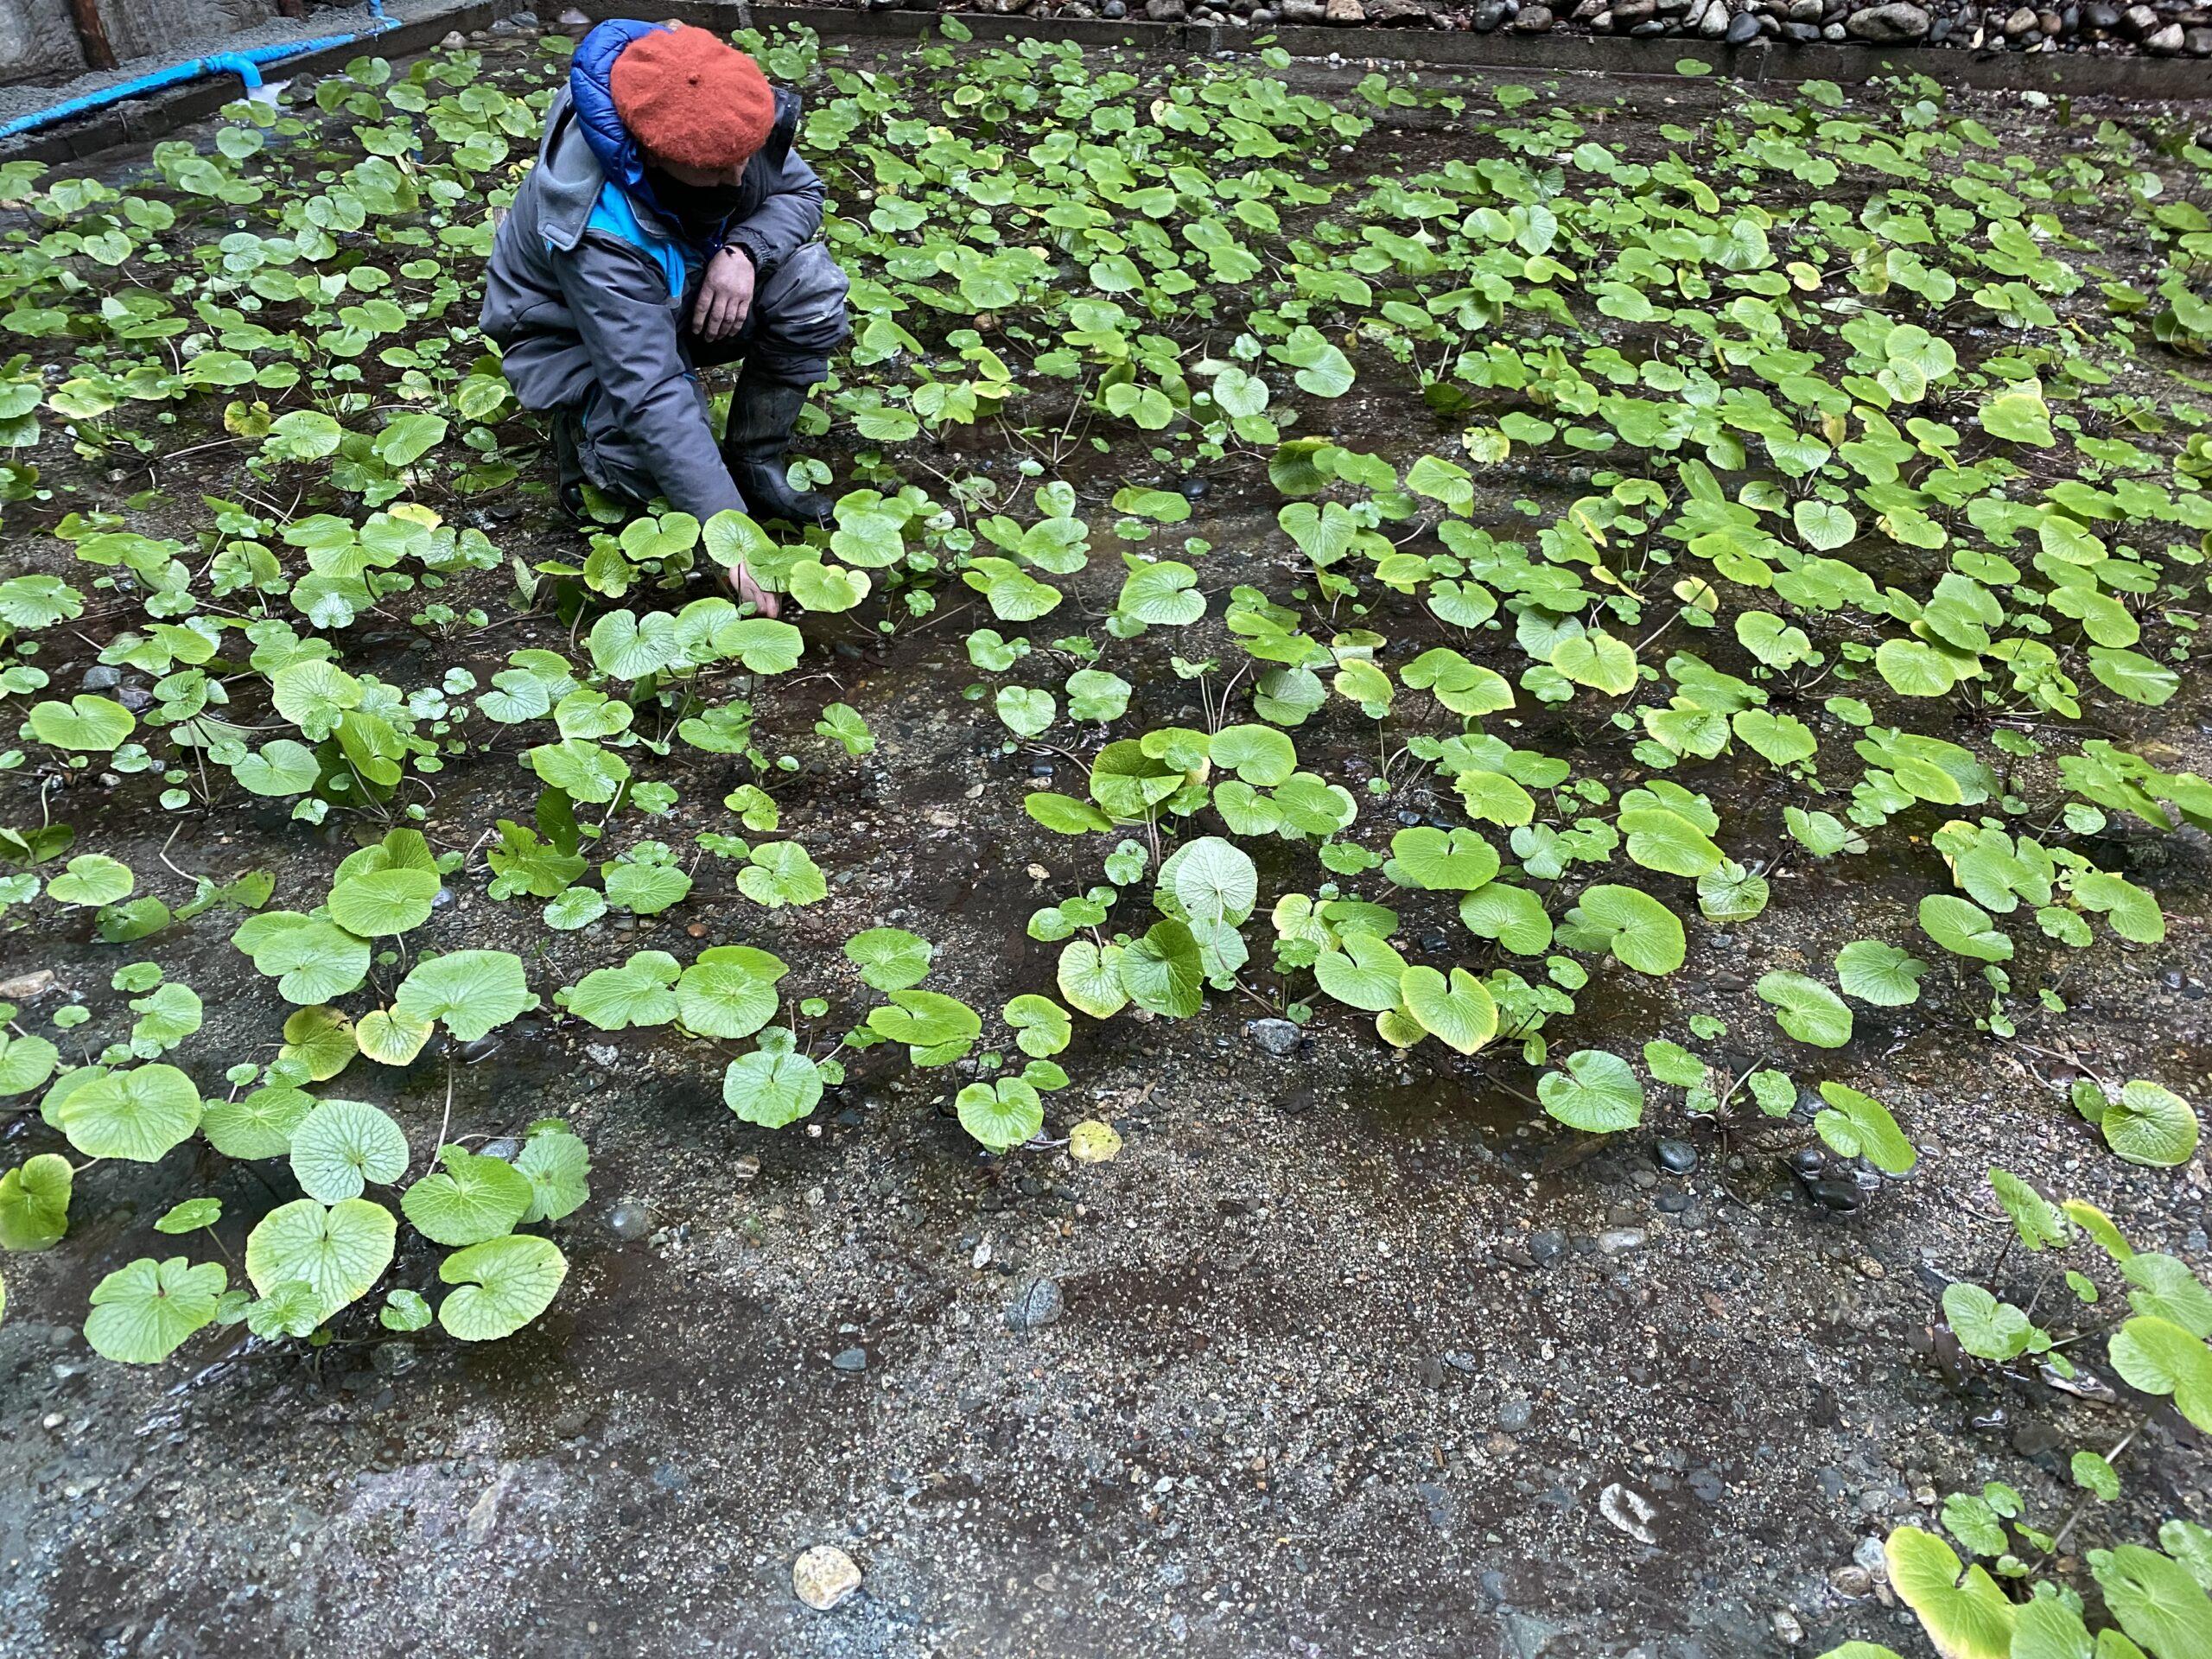 Seremi de Agricultura Patricio Araya Vargas invita a participar en Convocatoria para Proyectos de Innovación en el Agro